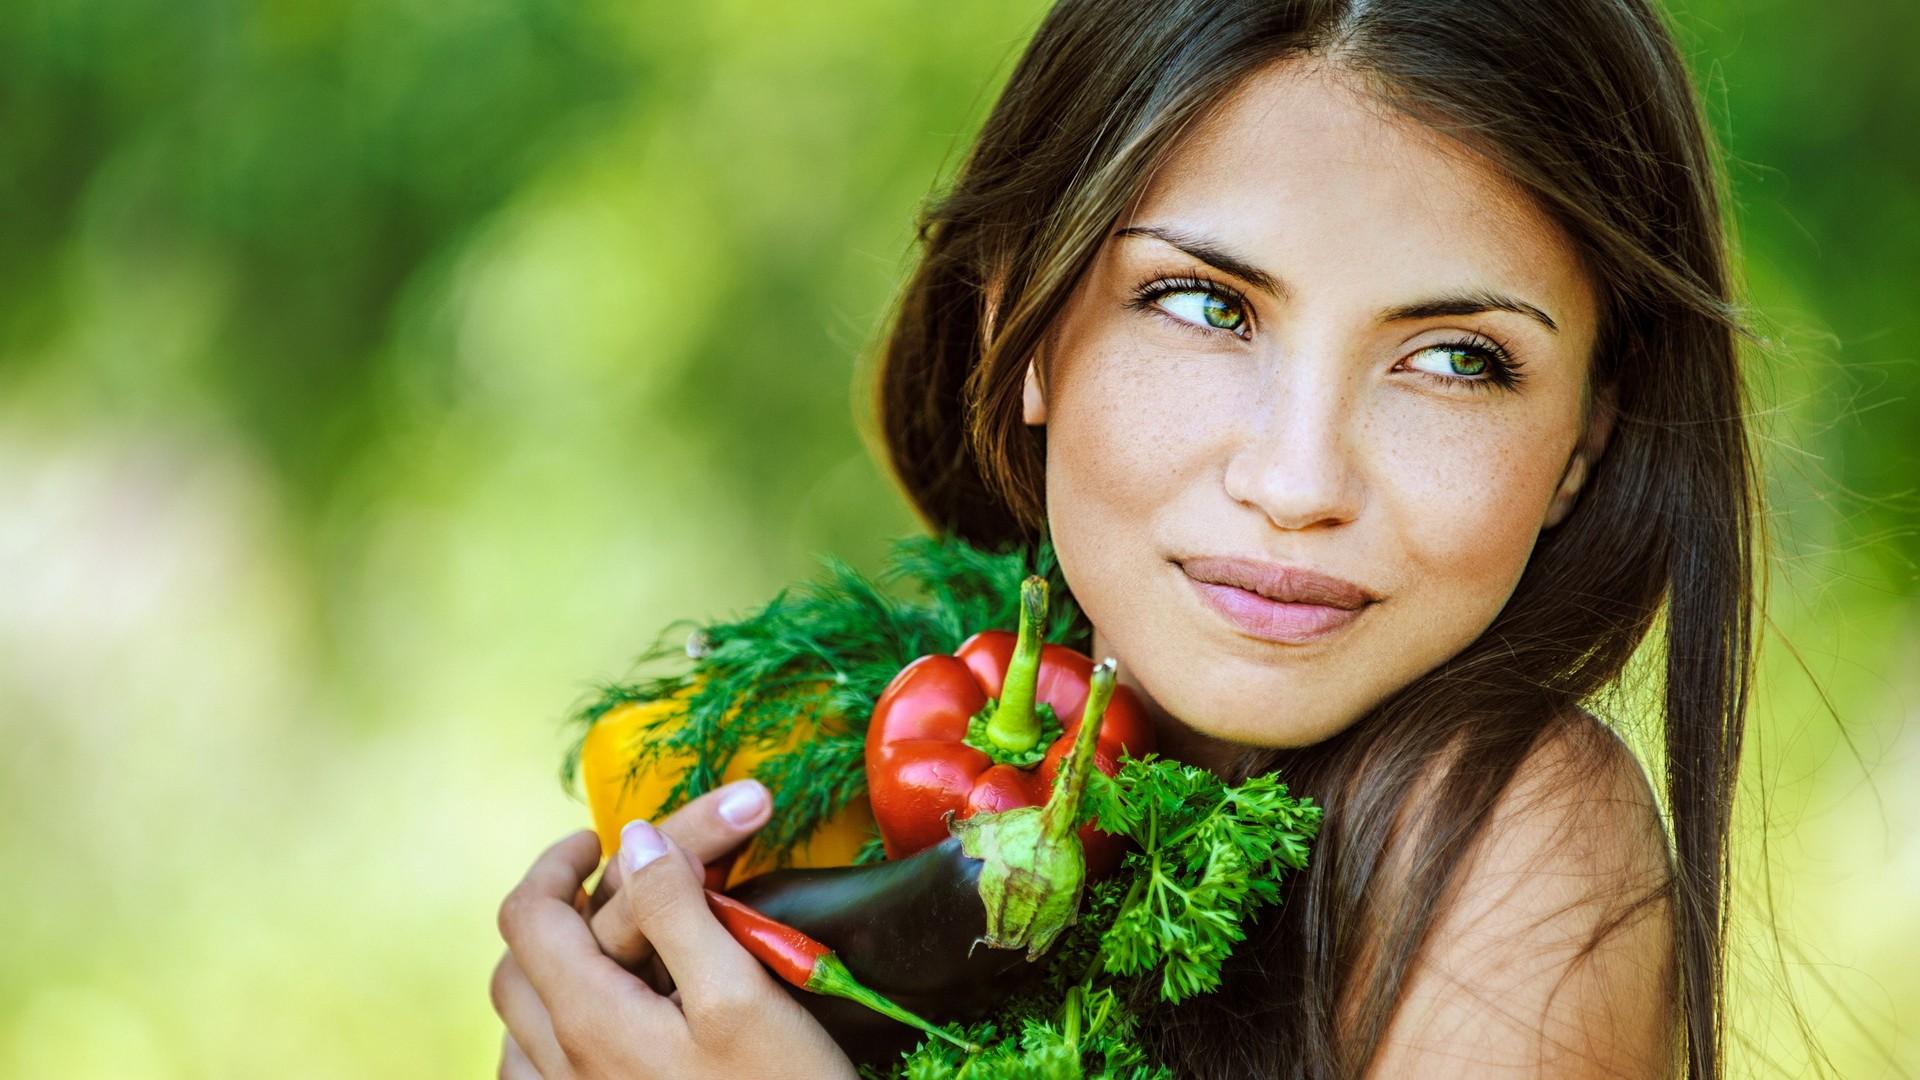 Vegani e vegetariani: come modificare l'alimentazione in tutta Salute